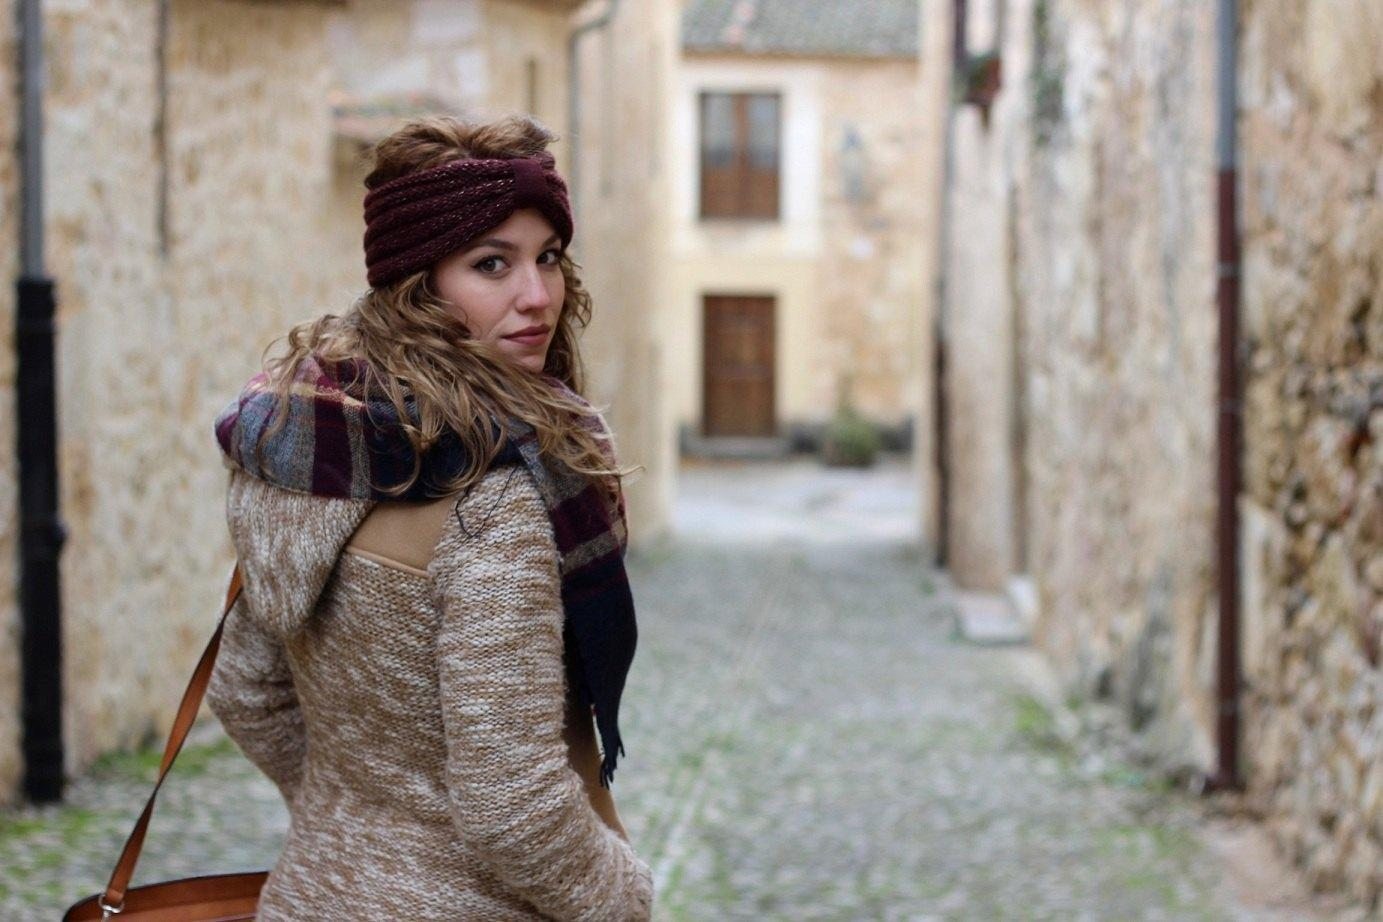 marikowskaya-street-style-jennifer-turbante-lana-5